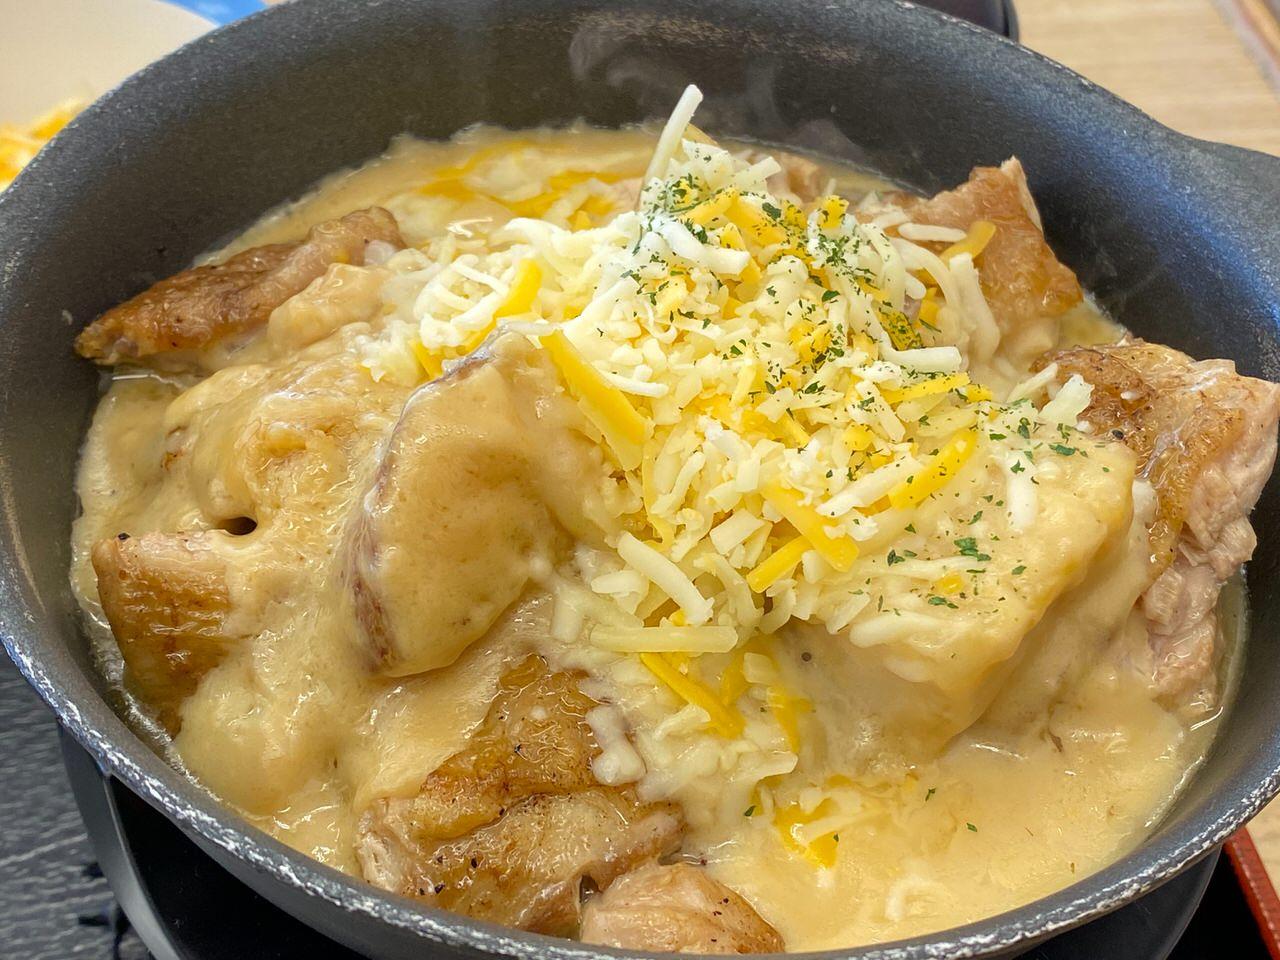 【松屋】復活した「シュクメルリ鍋」ニンニクチーズにさらに追いチーズ!最後の一口まで美味すぎた! 04